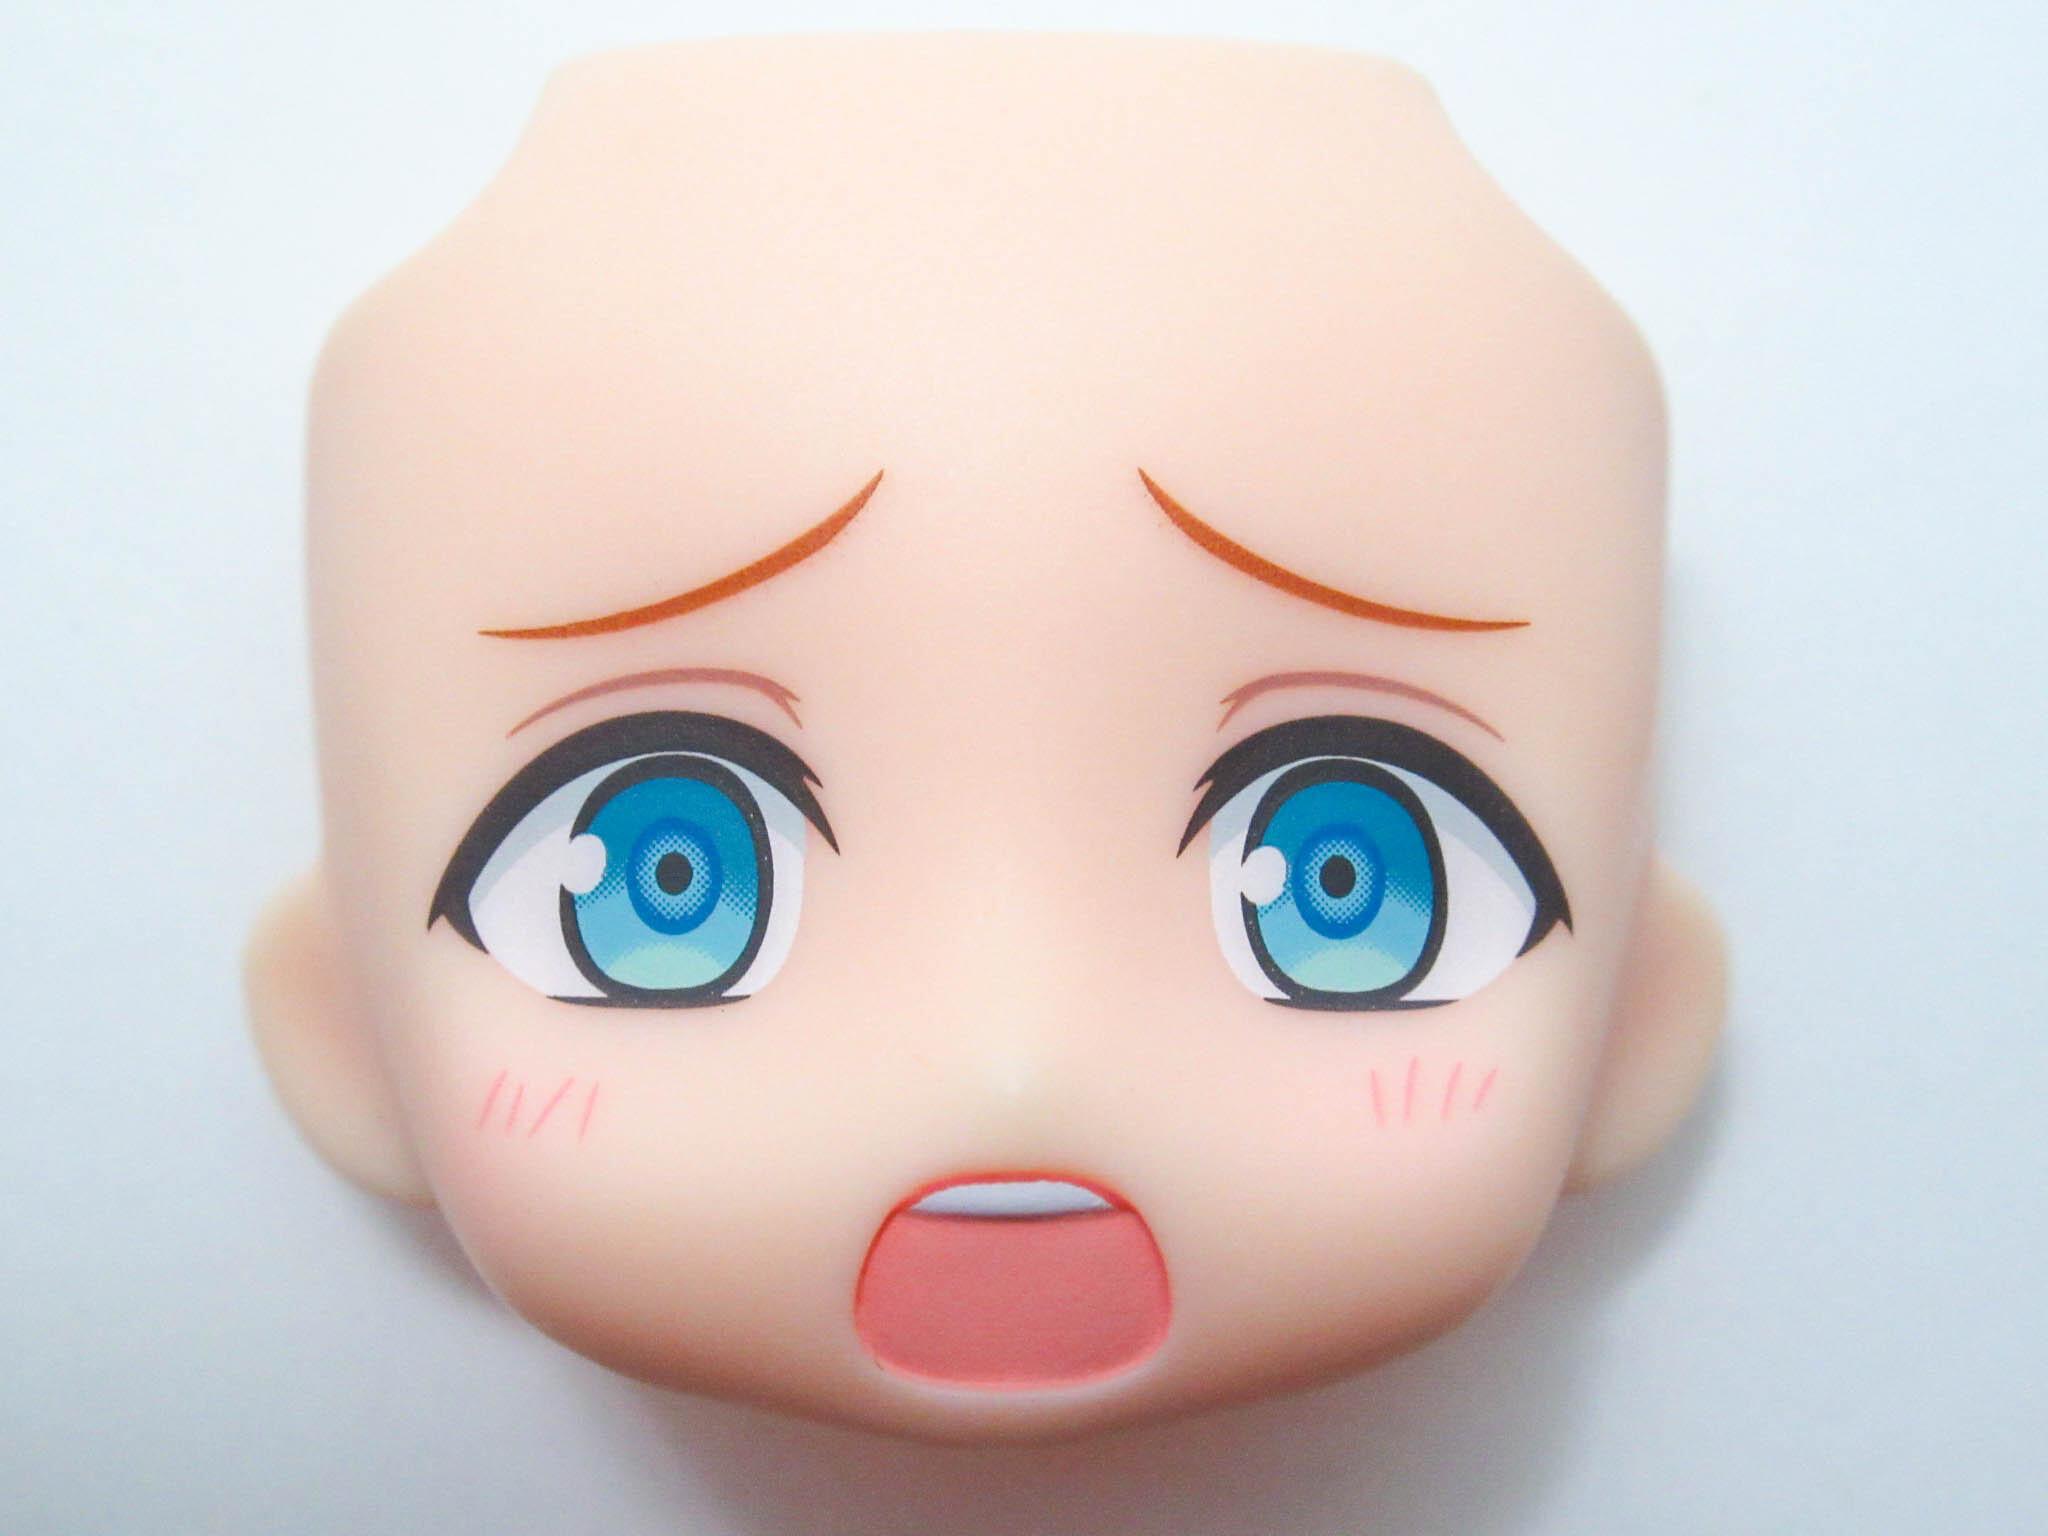 【1201】 明星スバル 顔パーツ 困り顔 ねんどろいど